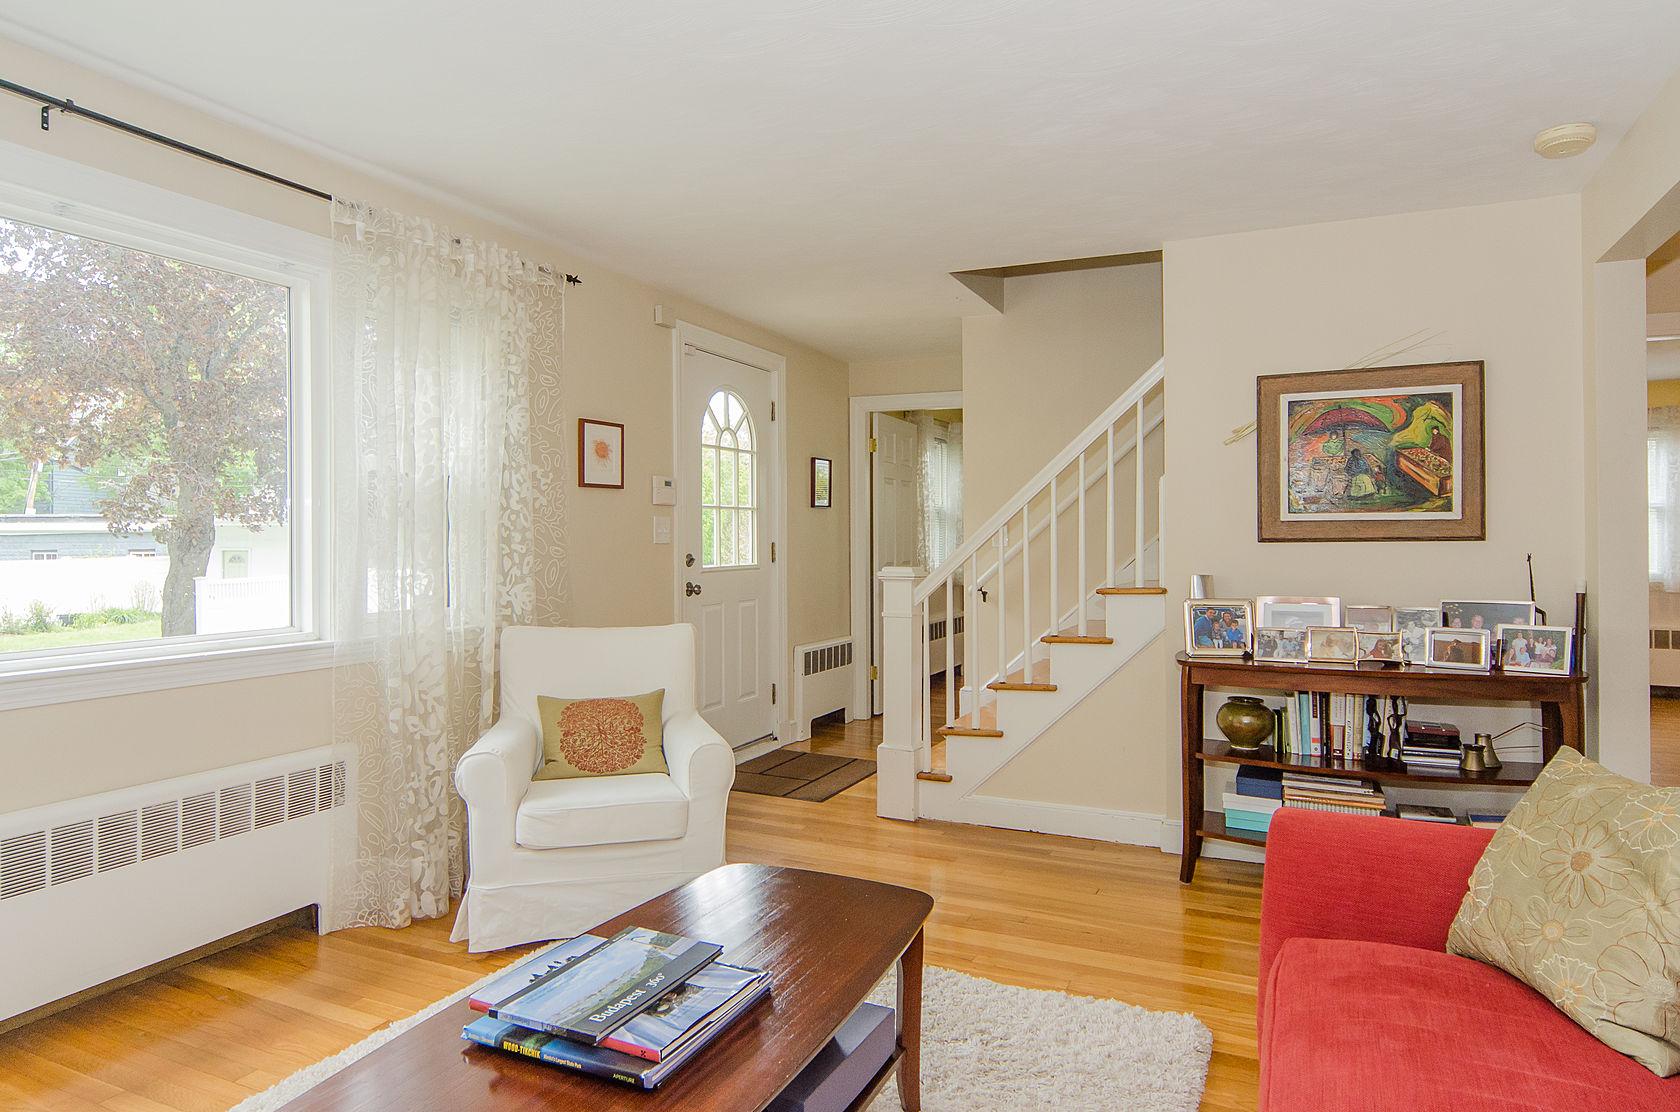 단독 가정 주택 용 매매 에 60 Saint Joseph St, Boston Boston, 매사추세츠, 02130 미국